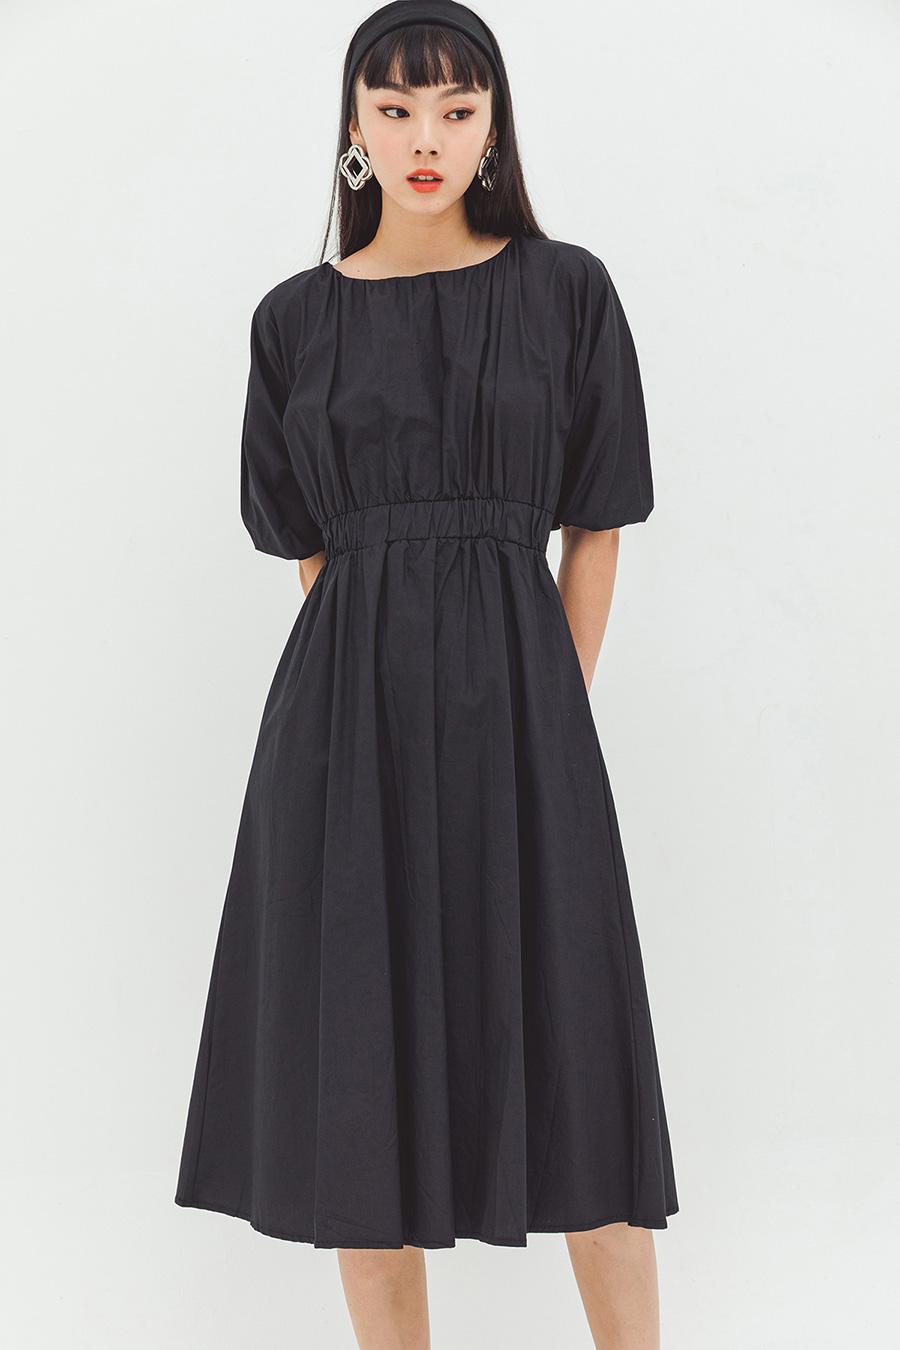 MARTINE DRESS - NOIR